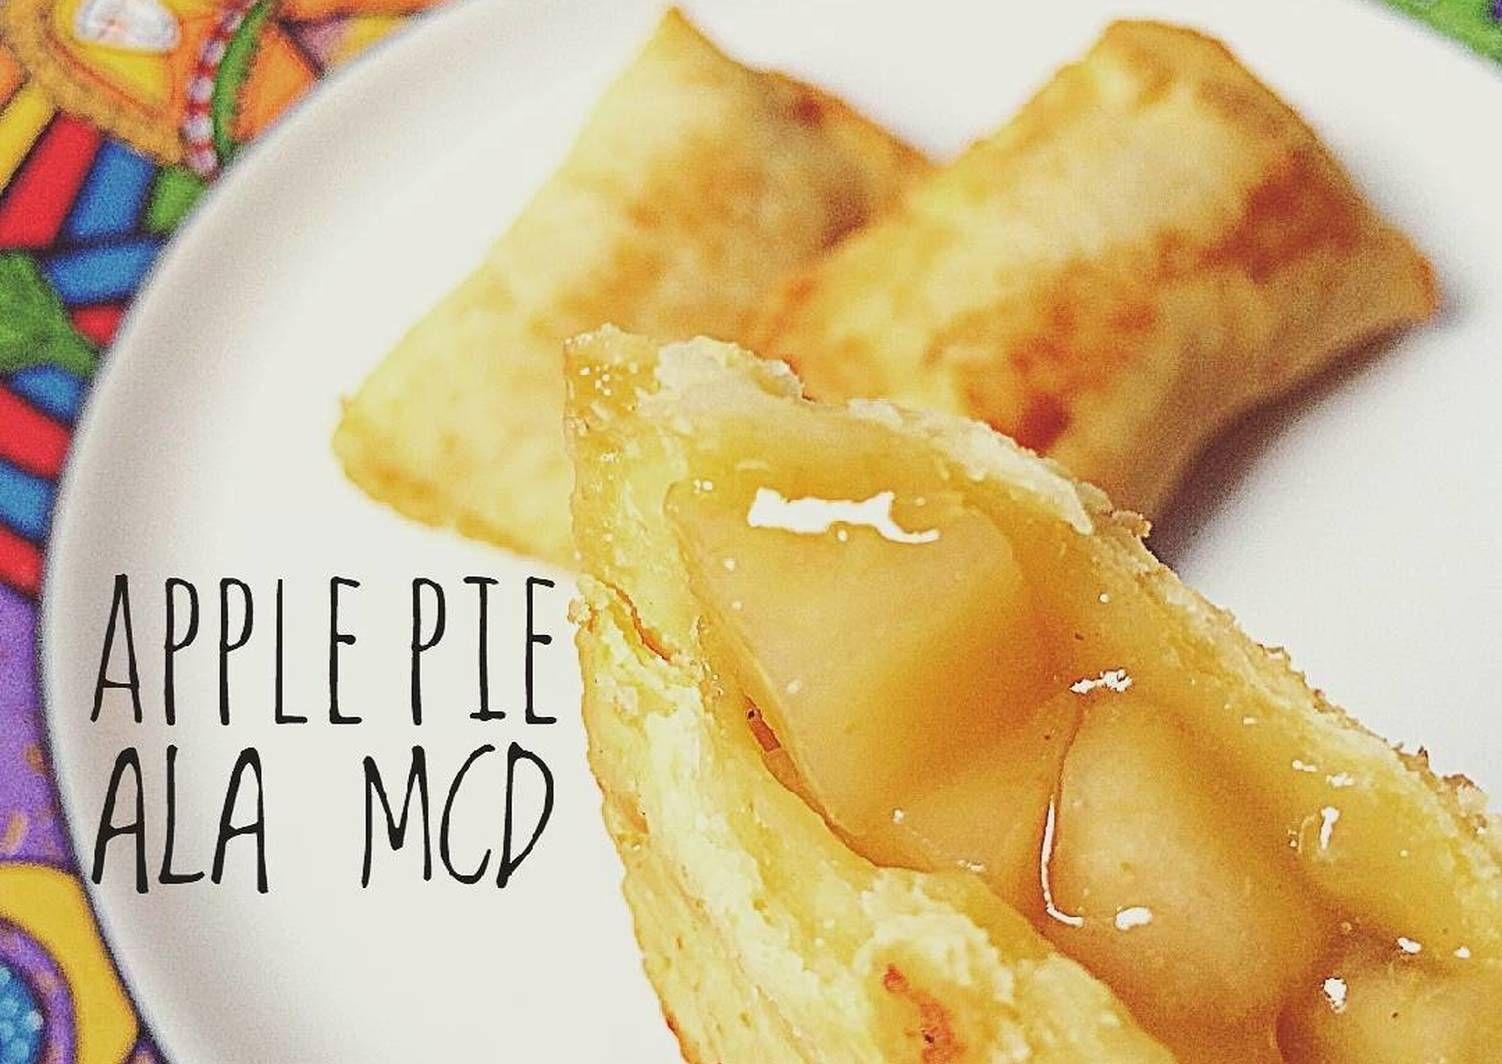 Resep Fried Apple Pie Ala Mcd Oleh Dapur Kebul Resep Pie Apel Makanan Resep